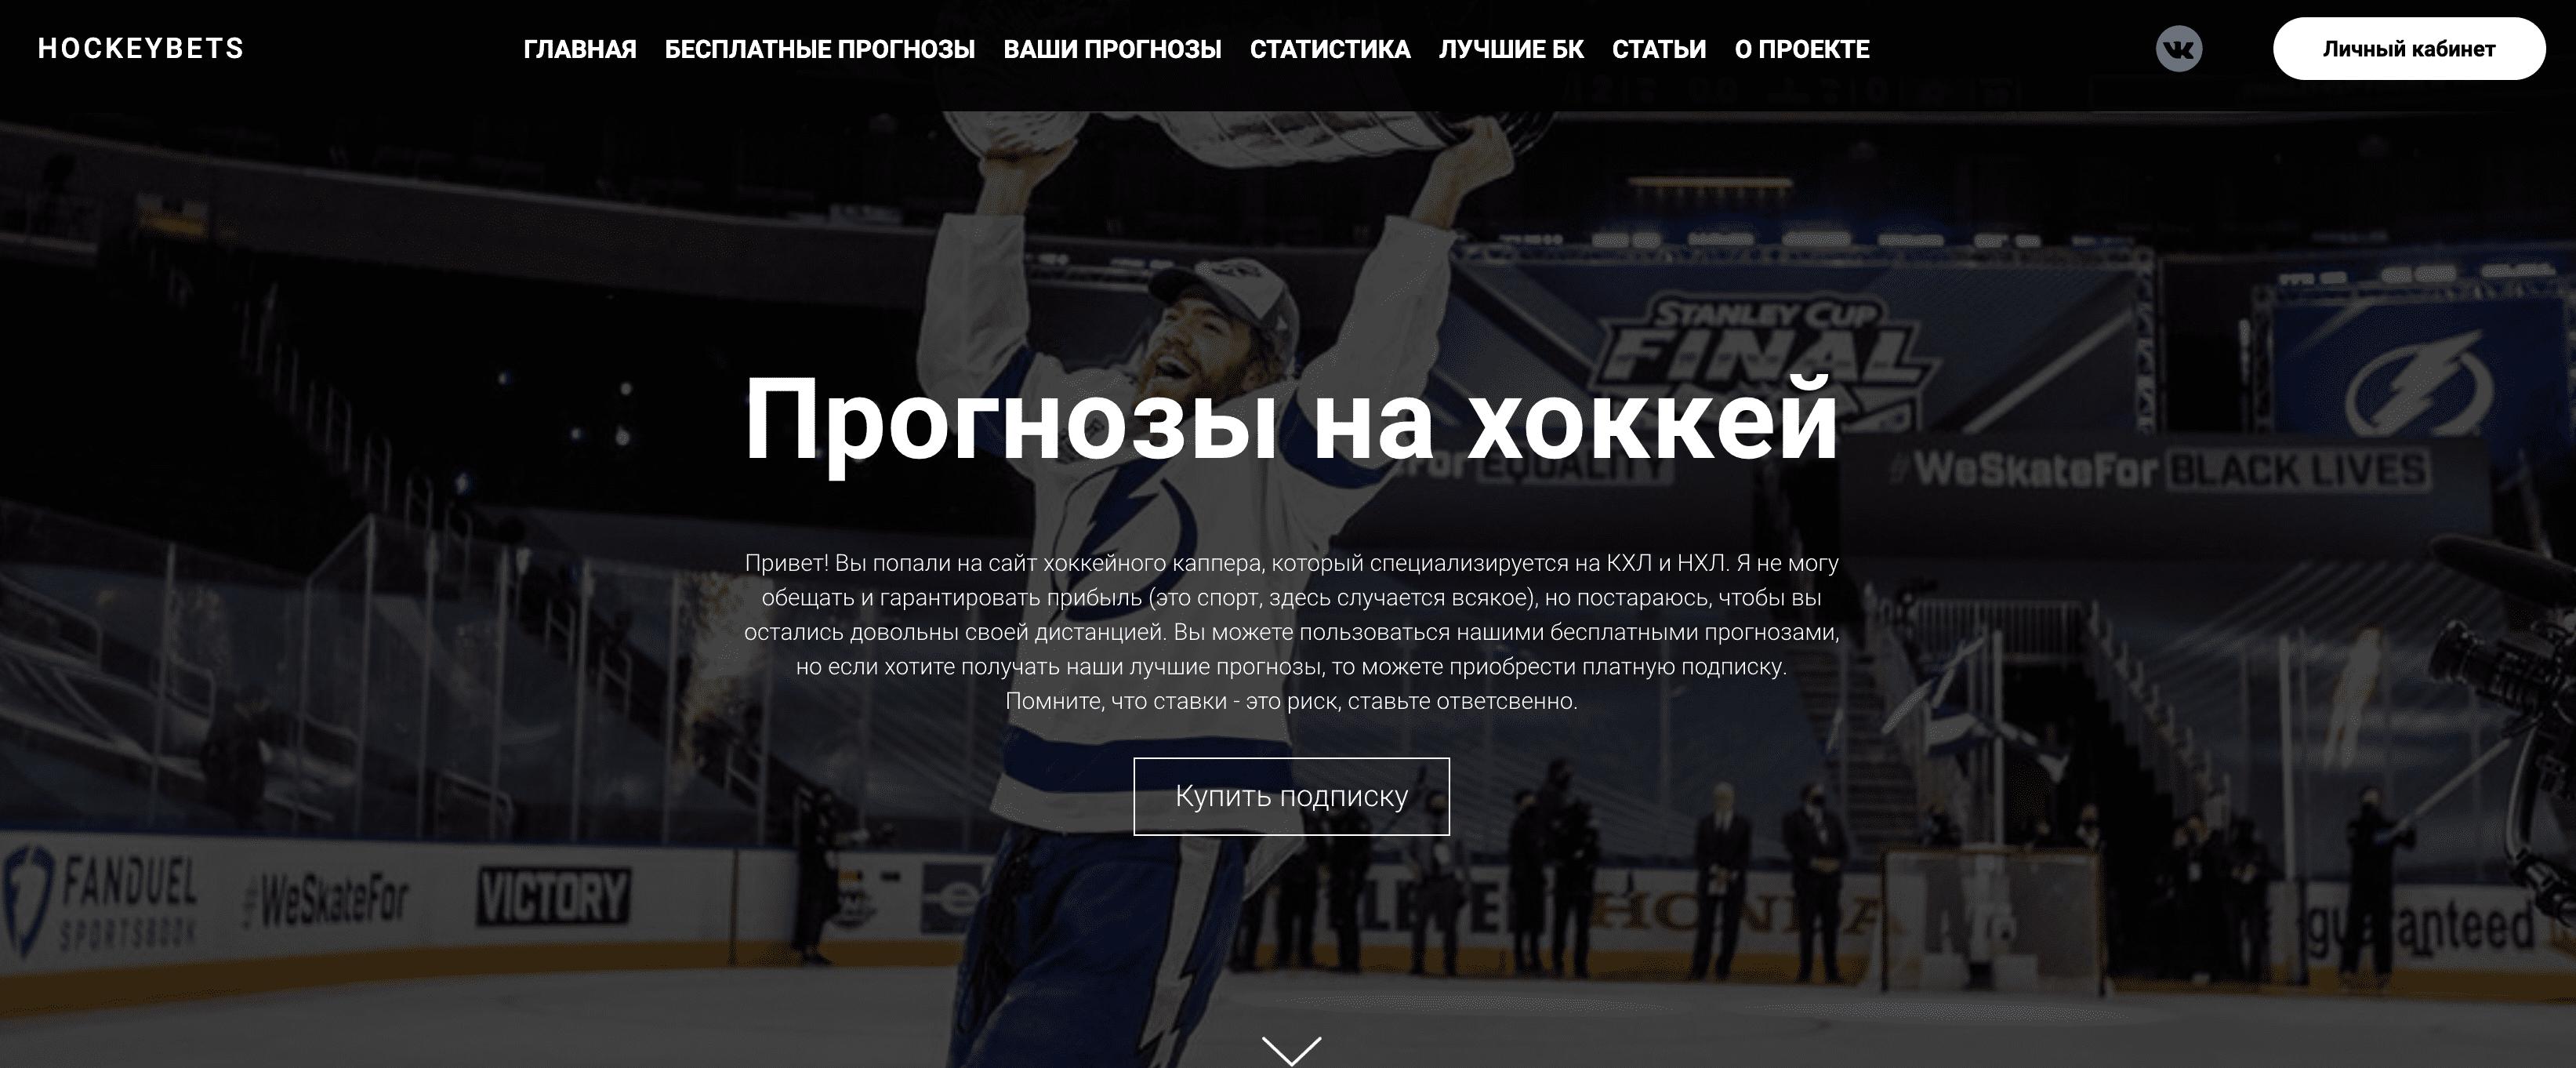 Главная страница сайта Данила Бодрова(проект Hockey bets)